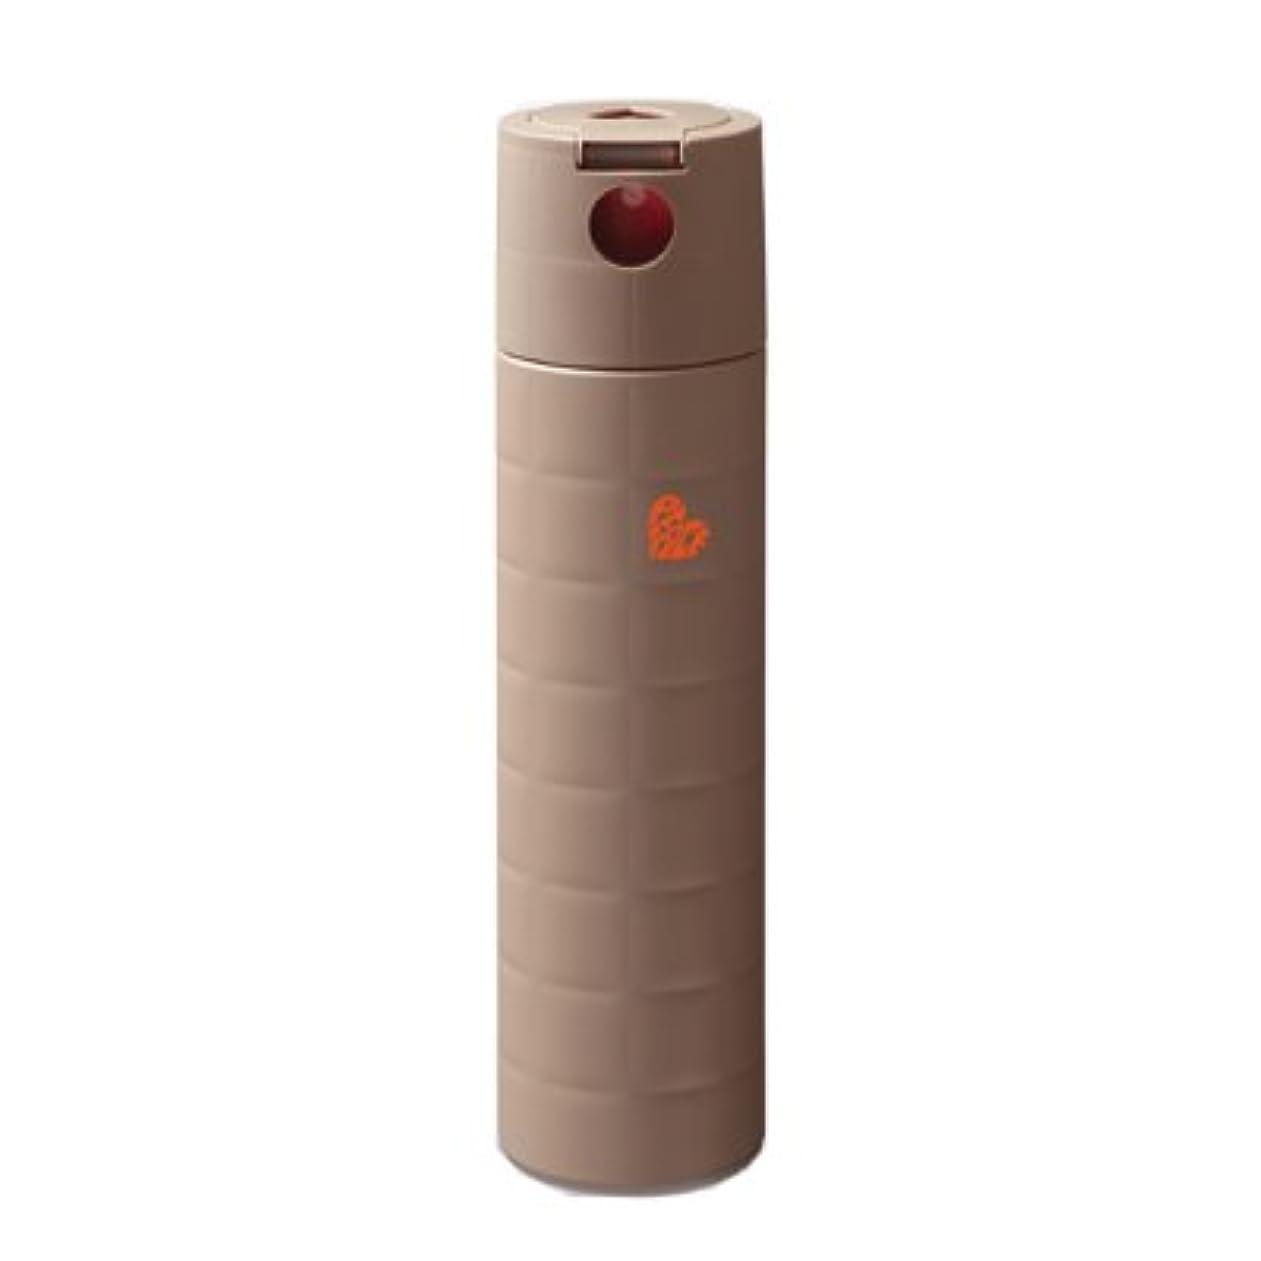 伝統フォーマル拒絶アリミノ ピース ワックスspray カフェオレ 143g(200ml) スプレーライン ARIMINO PEACE